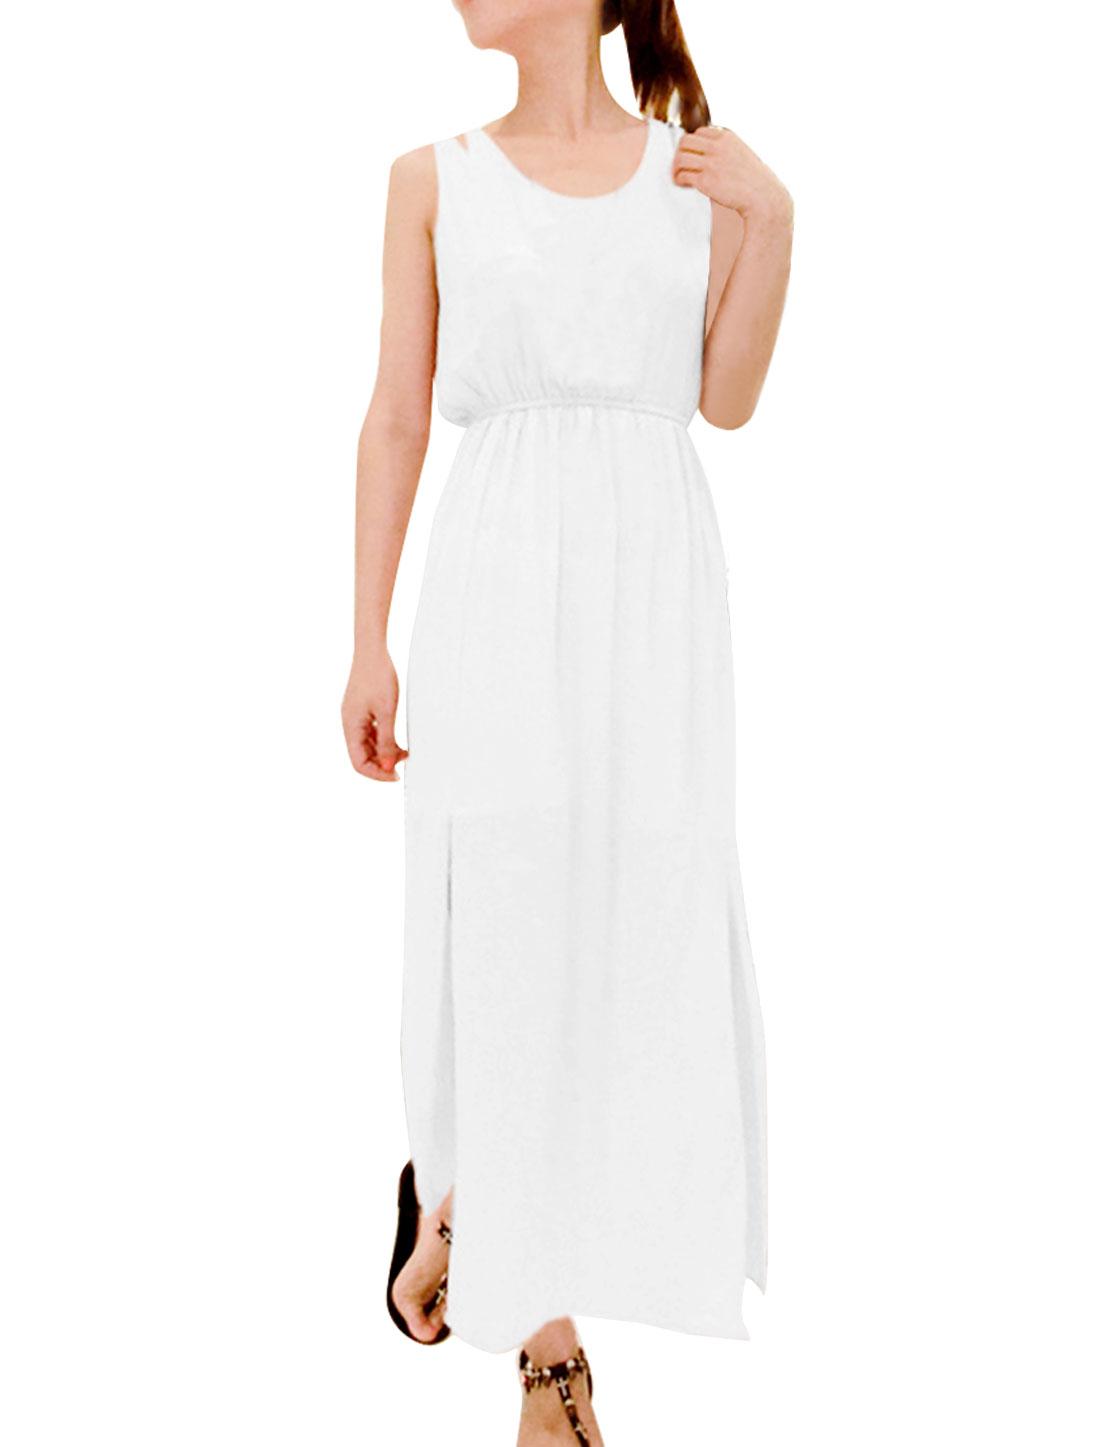 Women's Round Neck Stretchy-waist Stylish Beach White Long Chiffon Dress S